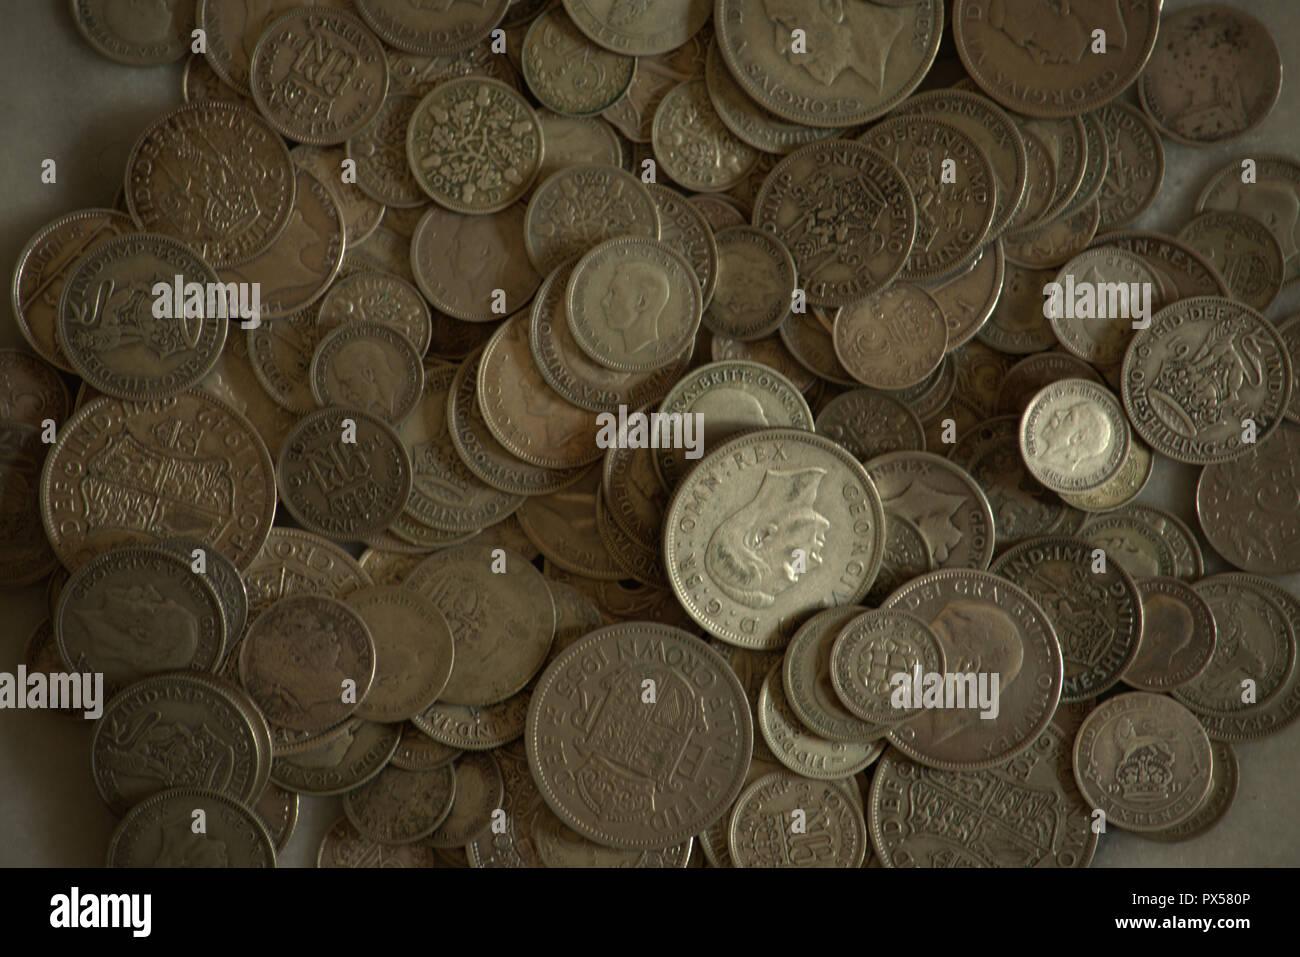 Datazione banconote britanniche